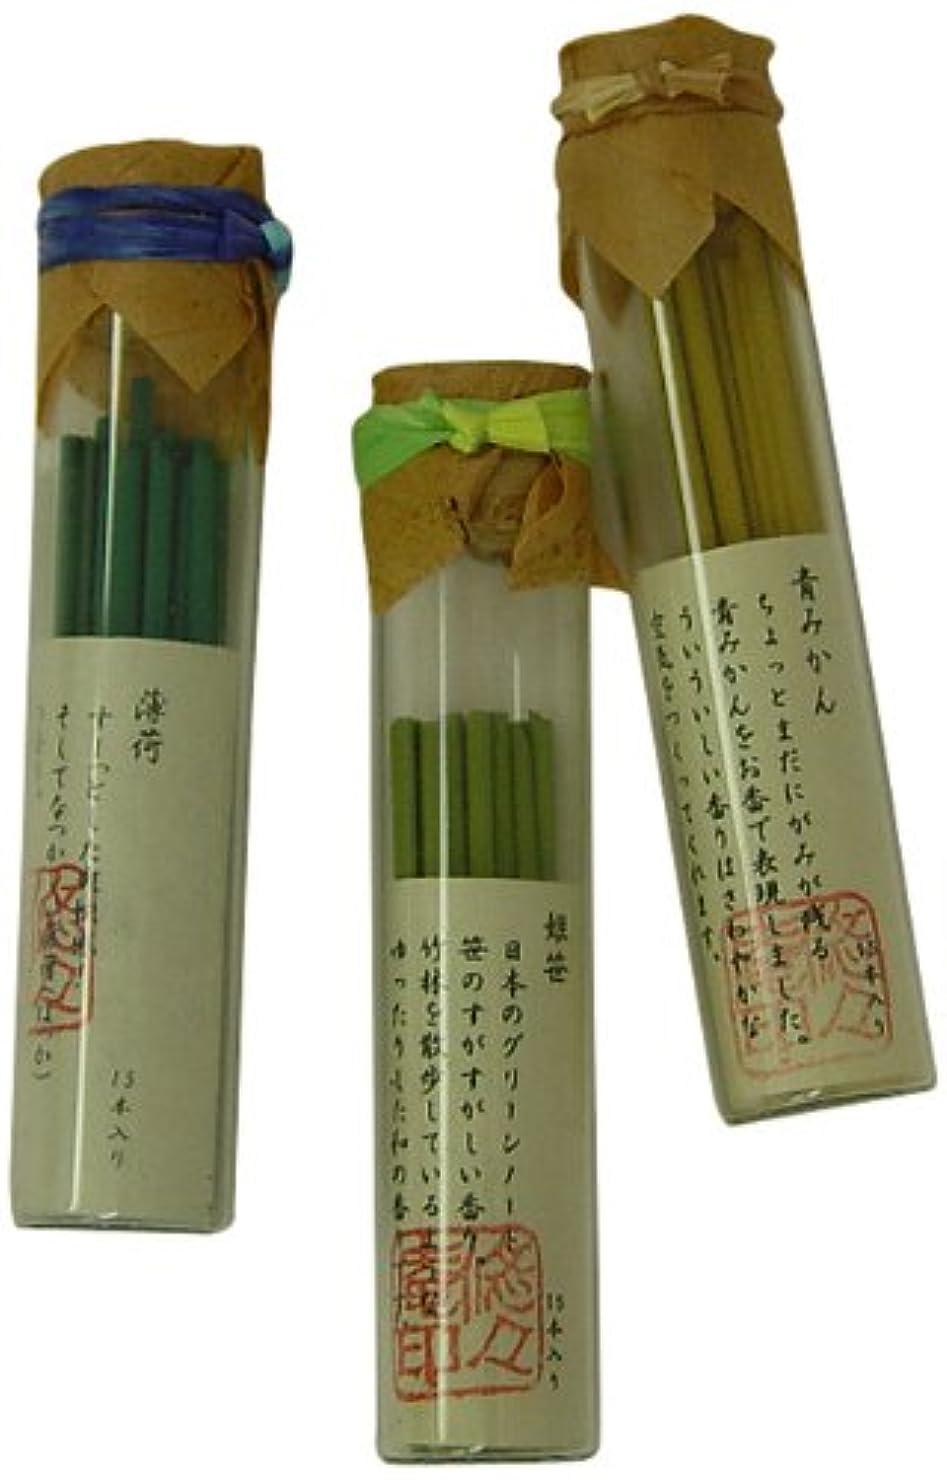 悠々庵 マイナスイオン香 太ビン3本セット 薄荷?青蜜柑?姫笹